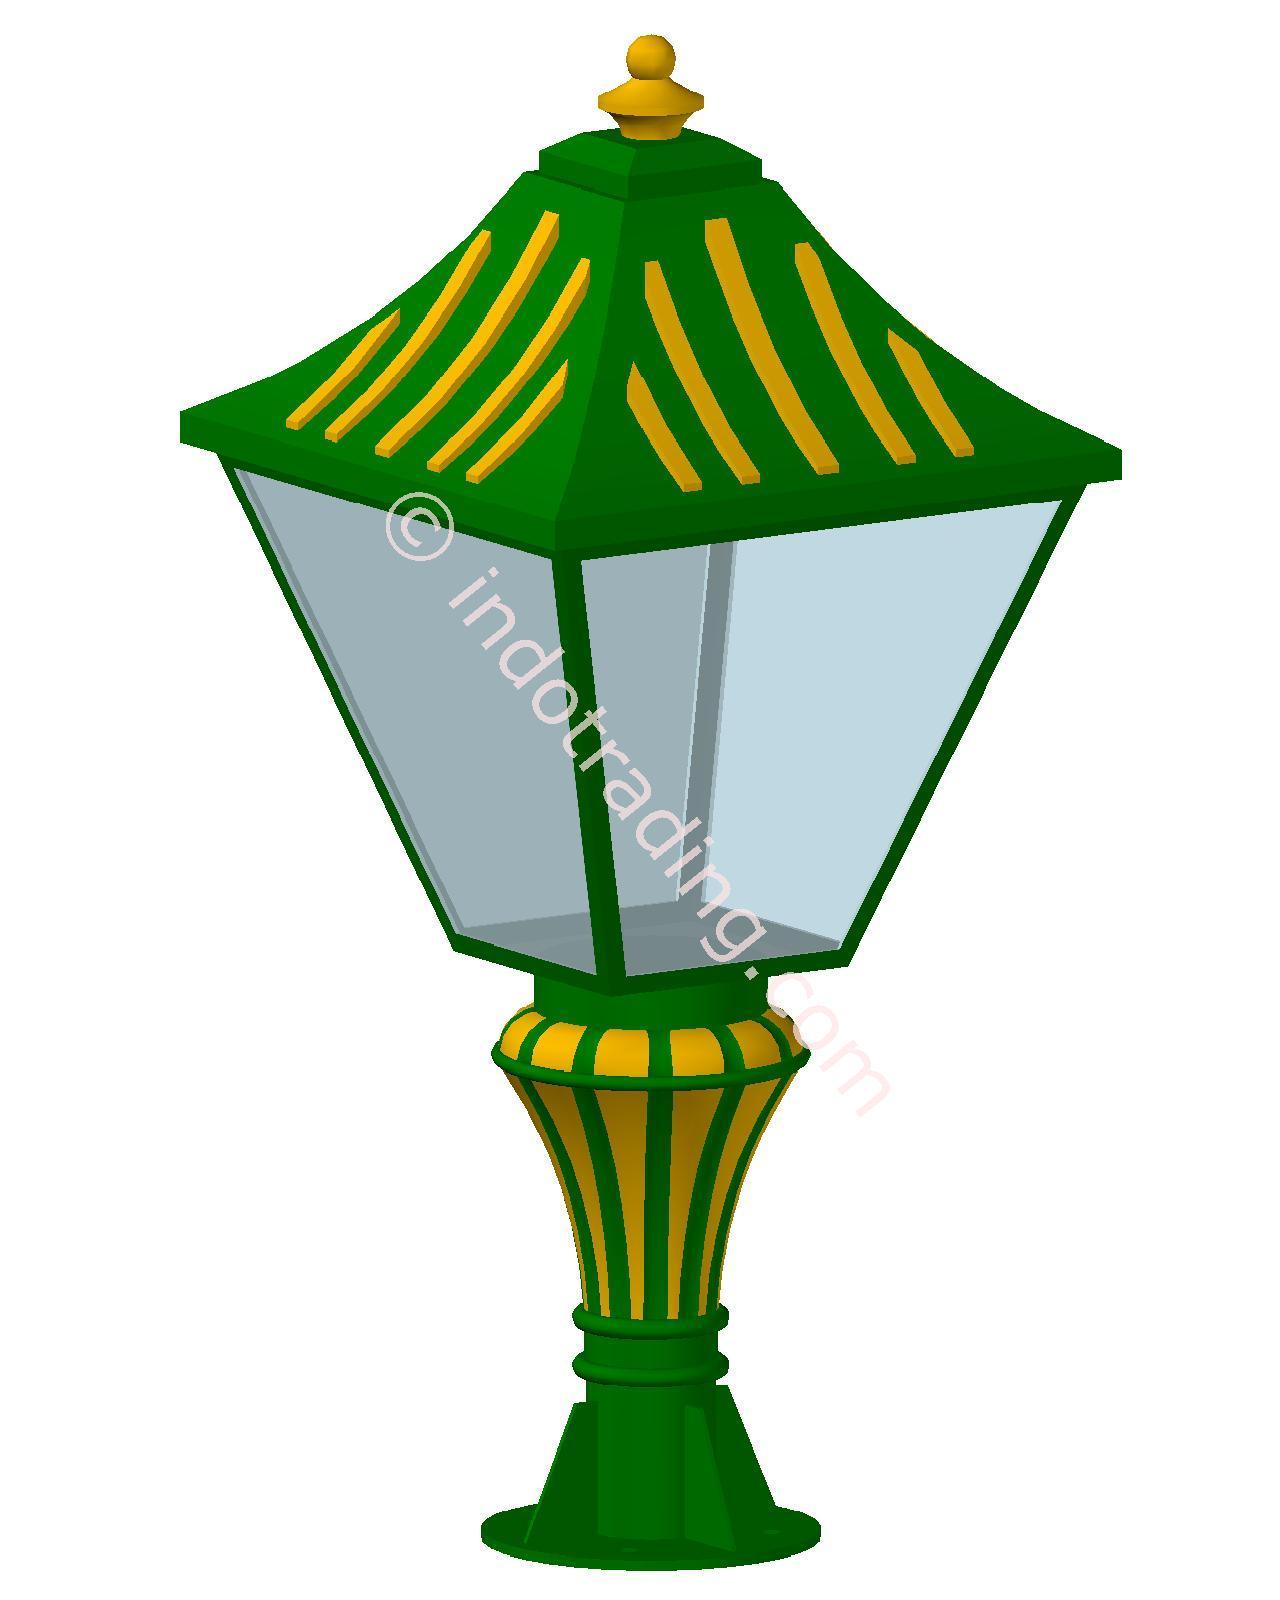 Jual Lampu Pilar Antik Type Tulip T.90.Cm Harga Murah